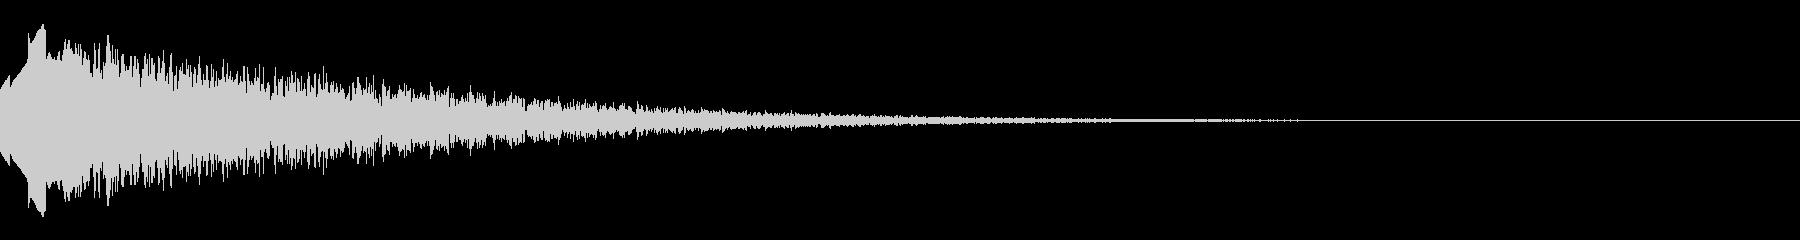 上昇するようなキラキラ音(経験値入手)の未再生の波形